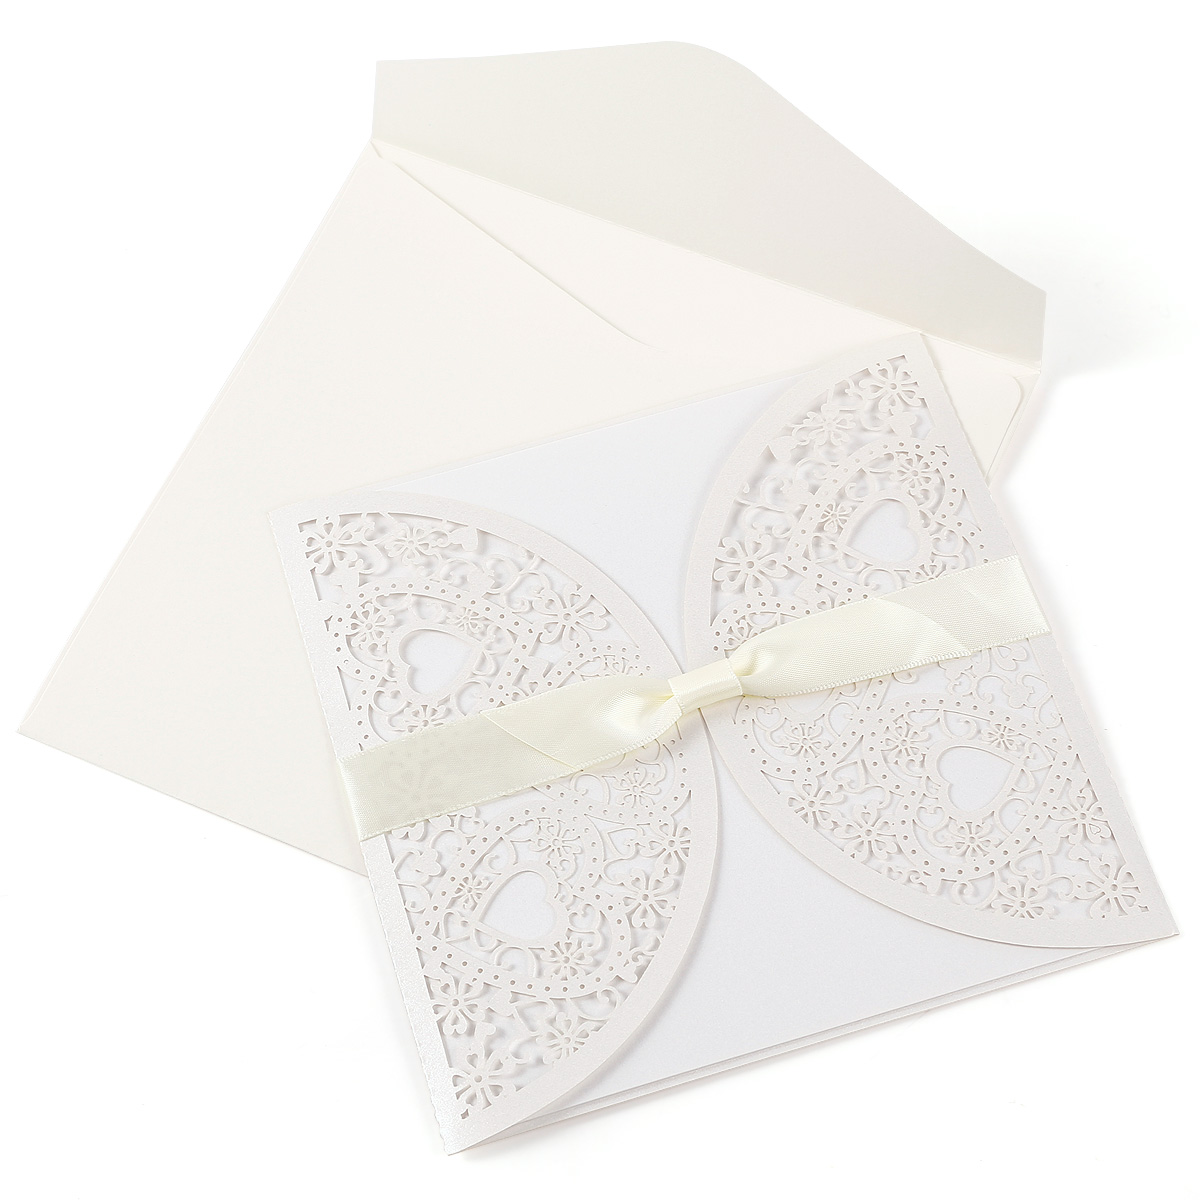 Elegant 10er. Papier Einladungskarten Einladung U0026 Umschlag Set Hochzeit,  Einladungsentwurf